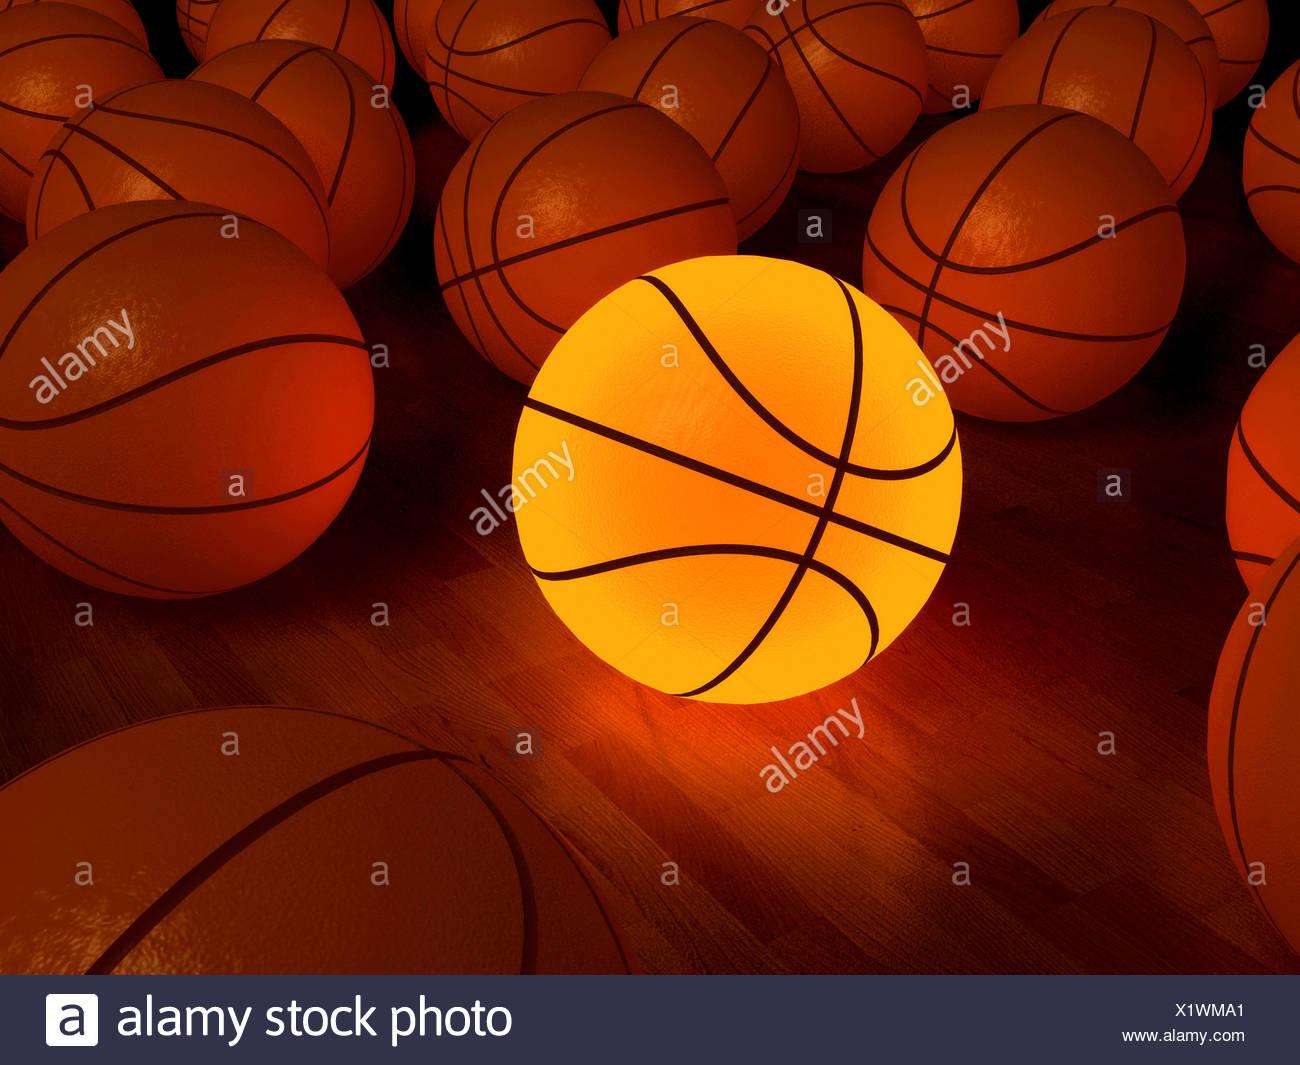 Resplandor de baloncesto juego de pelota sobre el piso de madera (3D) Imagen De Stock